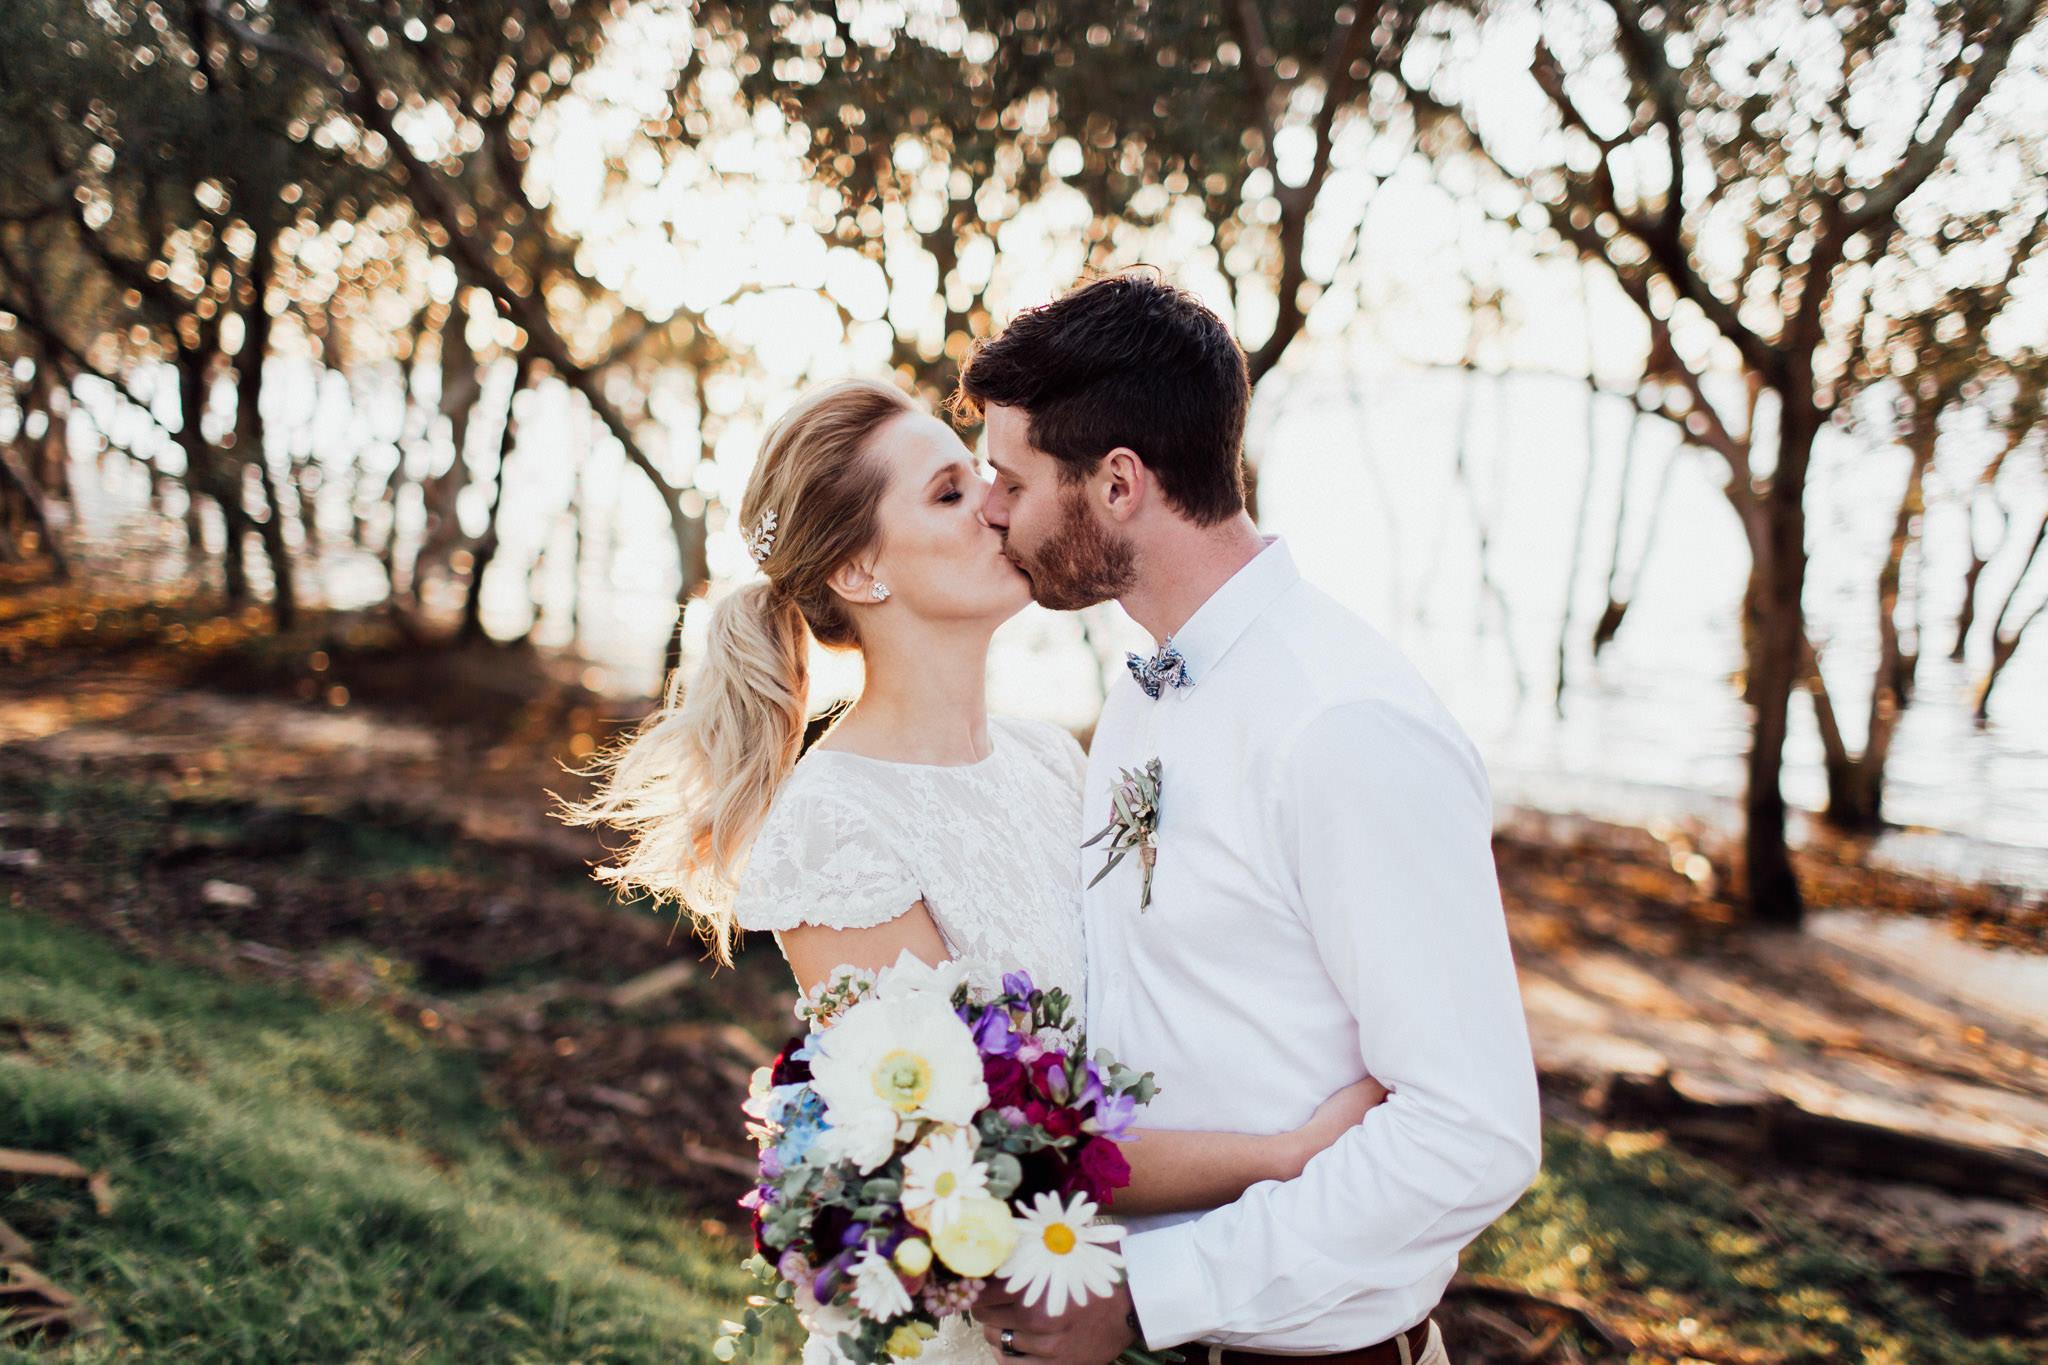 WeddingPhotos_Facebook_2048pixels-1714.jpg